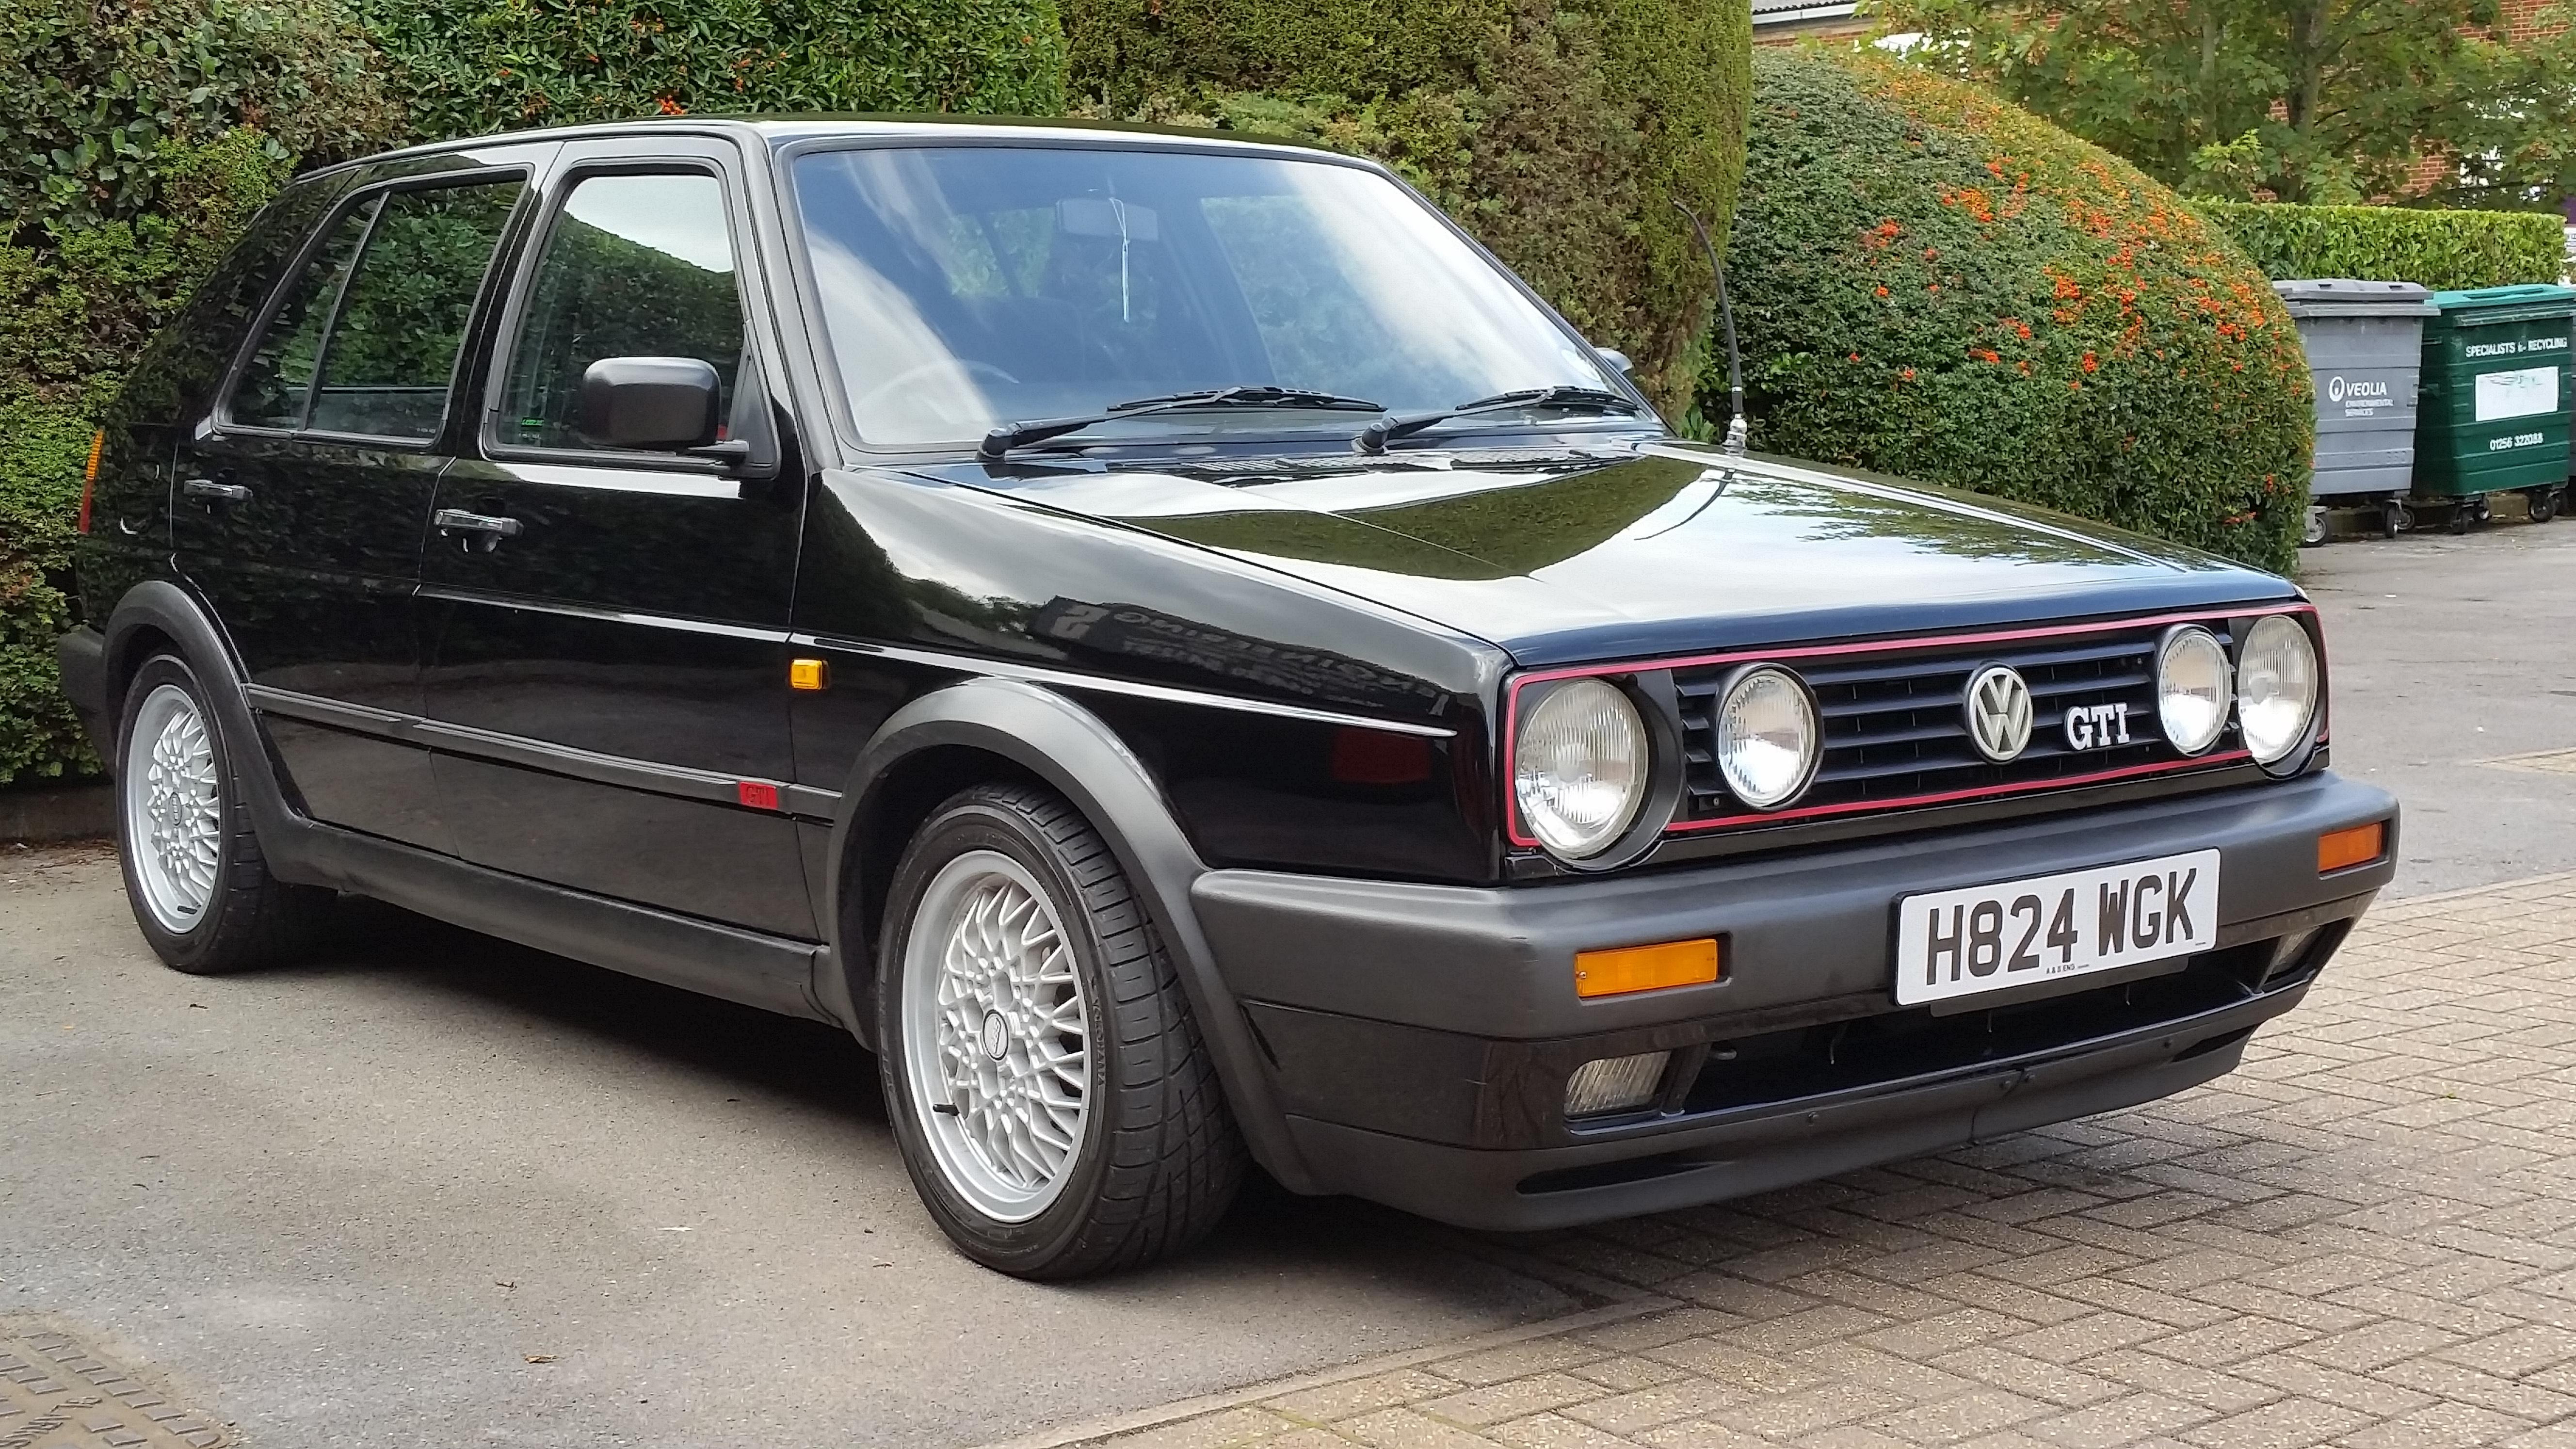 1991 golf gti 8v vw golf mk2 oc cars for sale. Black Bedroom Furniture Sets. Home Design Ideas